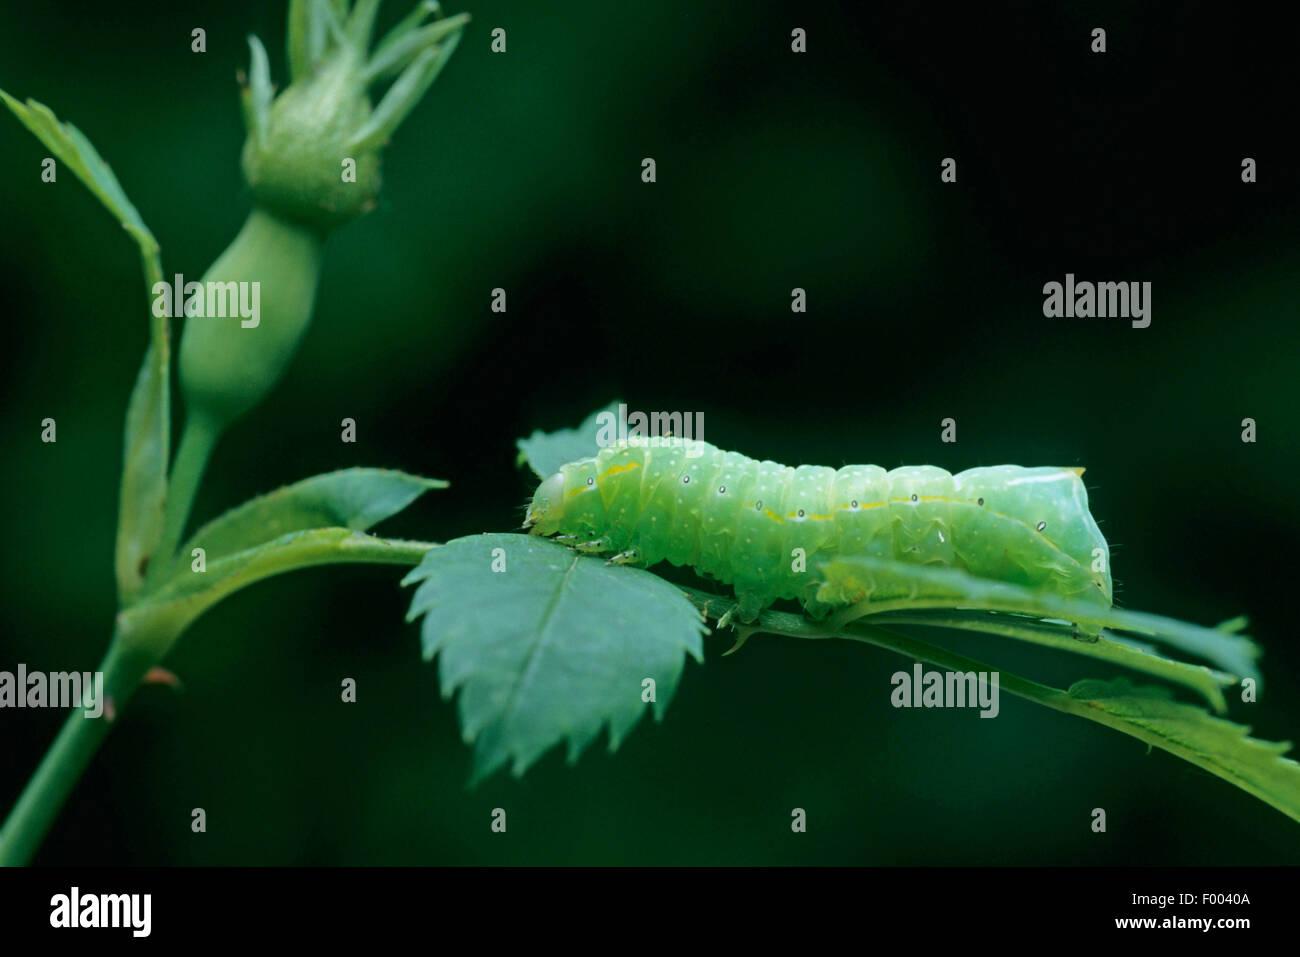 Il rame Underwing, Humped Fruitworm verde, piramidale Fruitworm verde (Amphipyra pyramidea) su uno stelo Immagini Stock